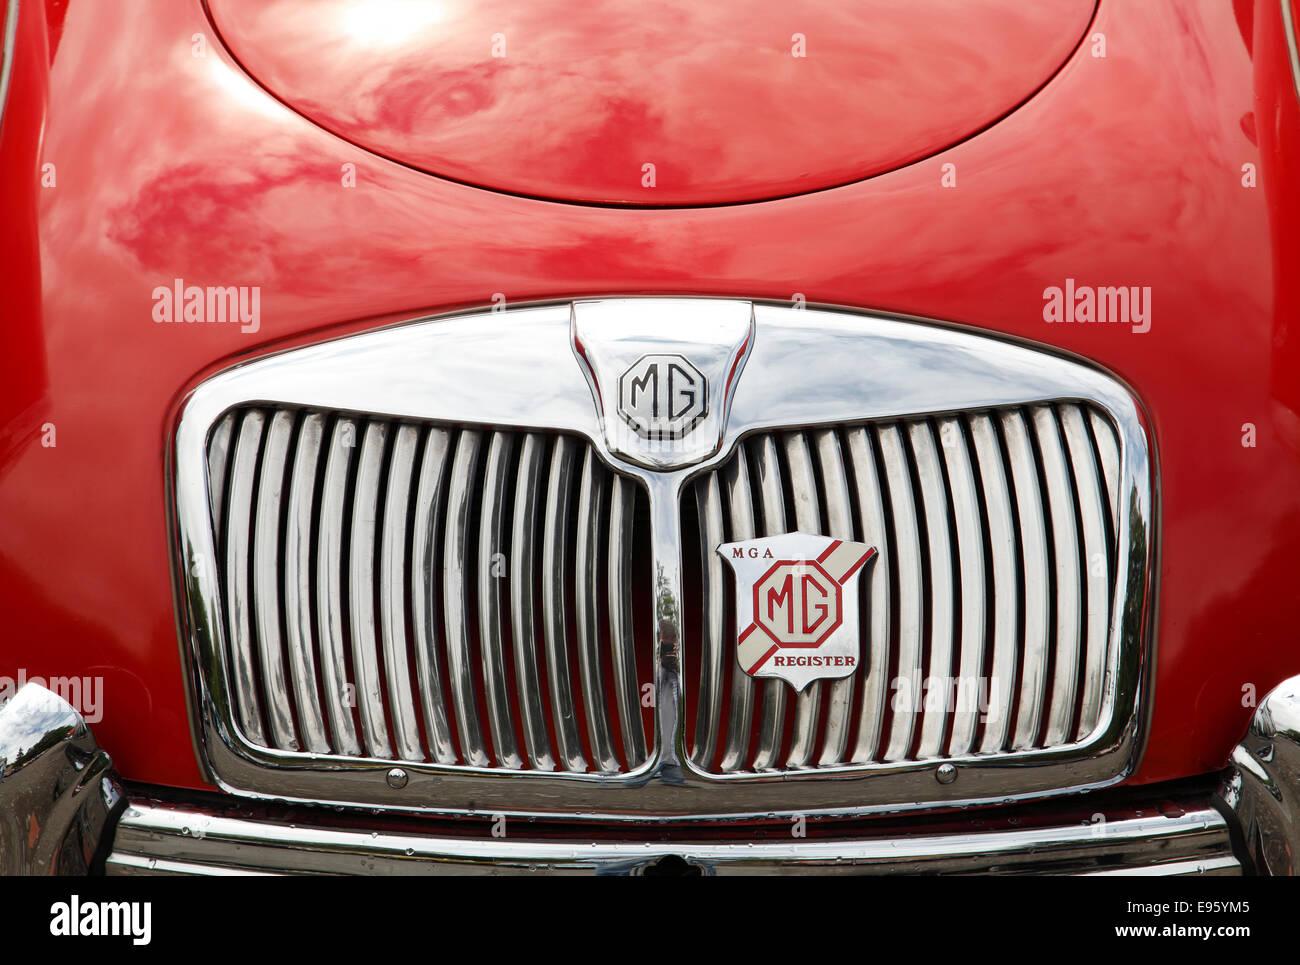 Classic Car  MG MGA Radiator - Stock Image